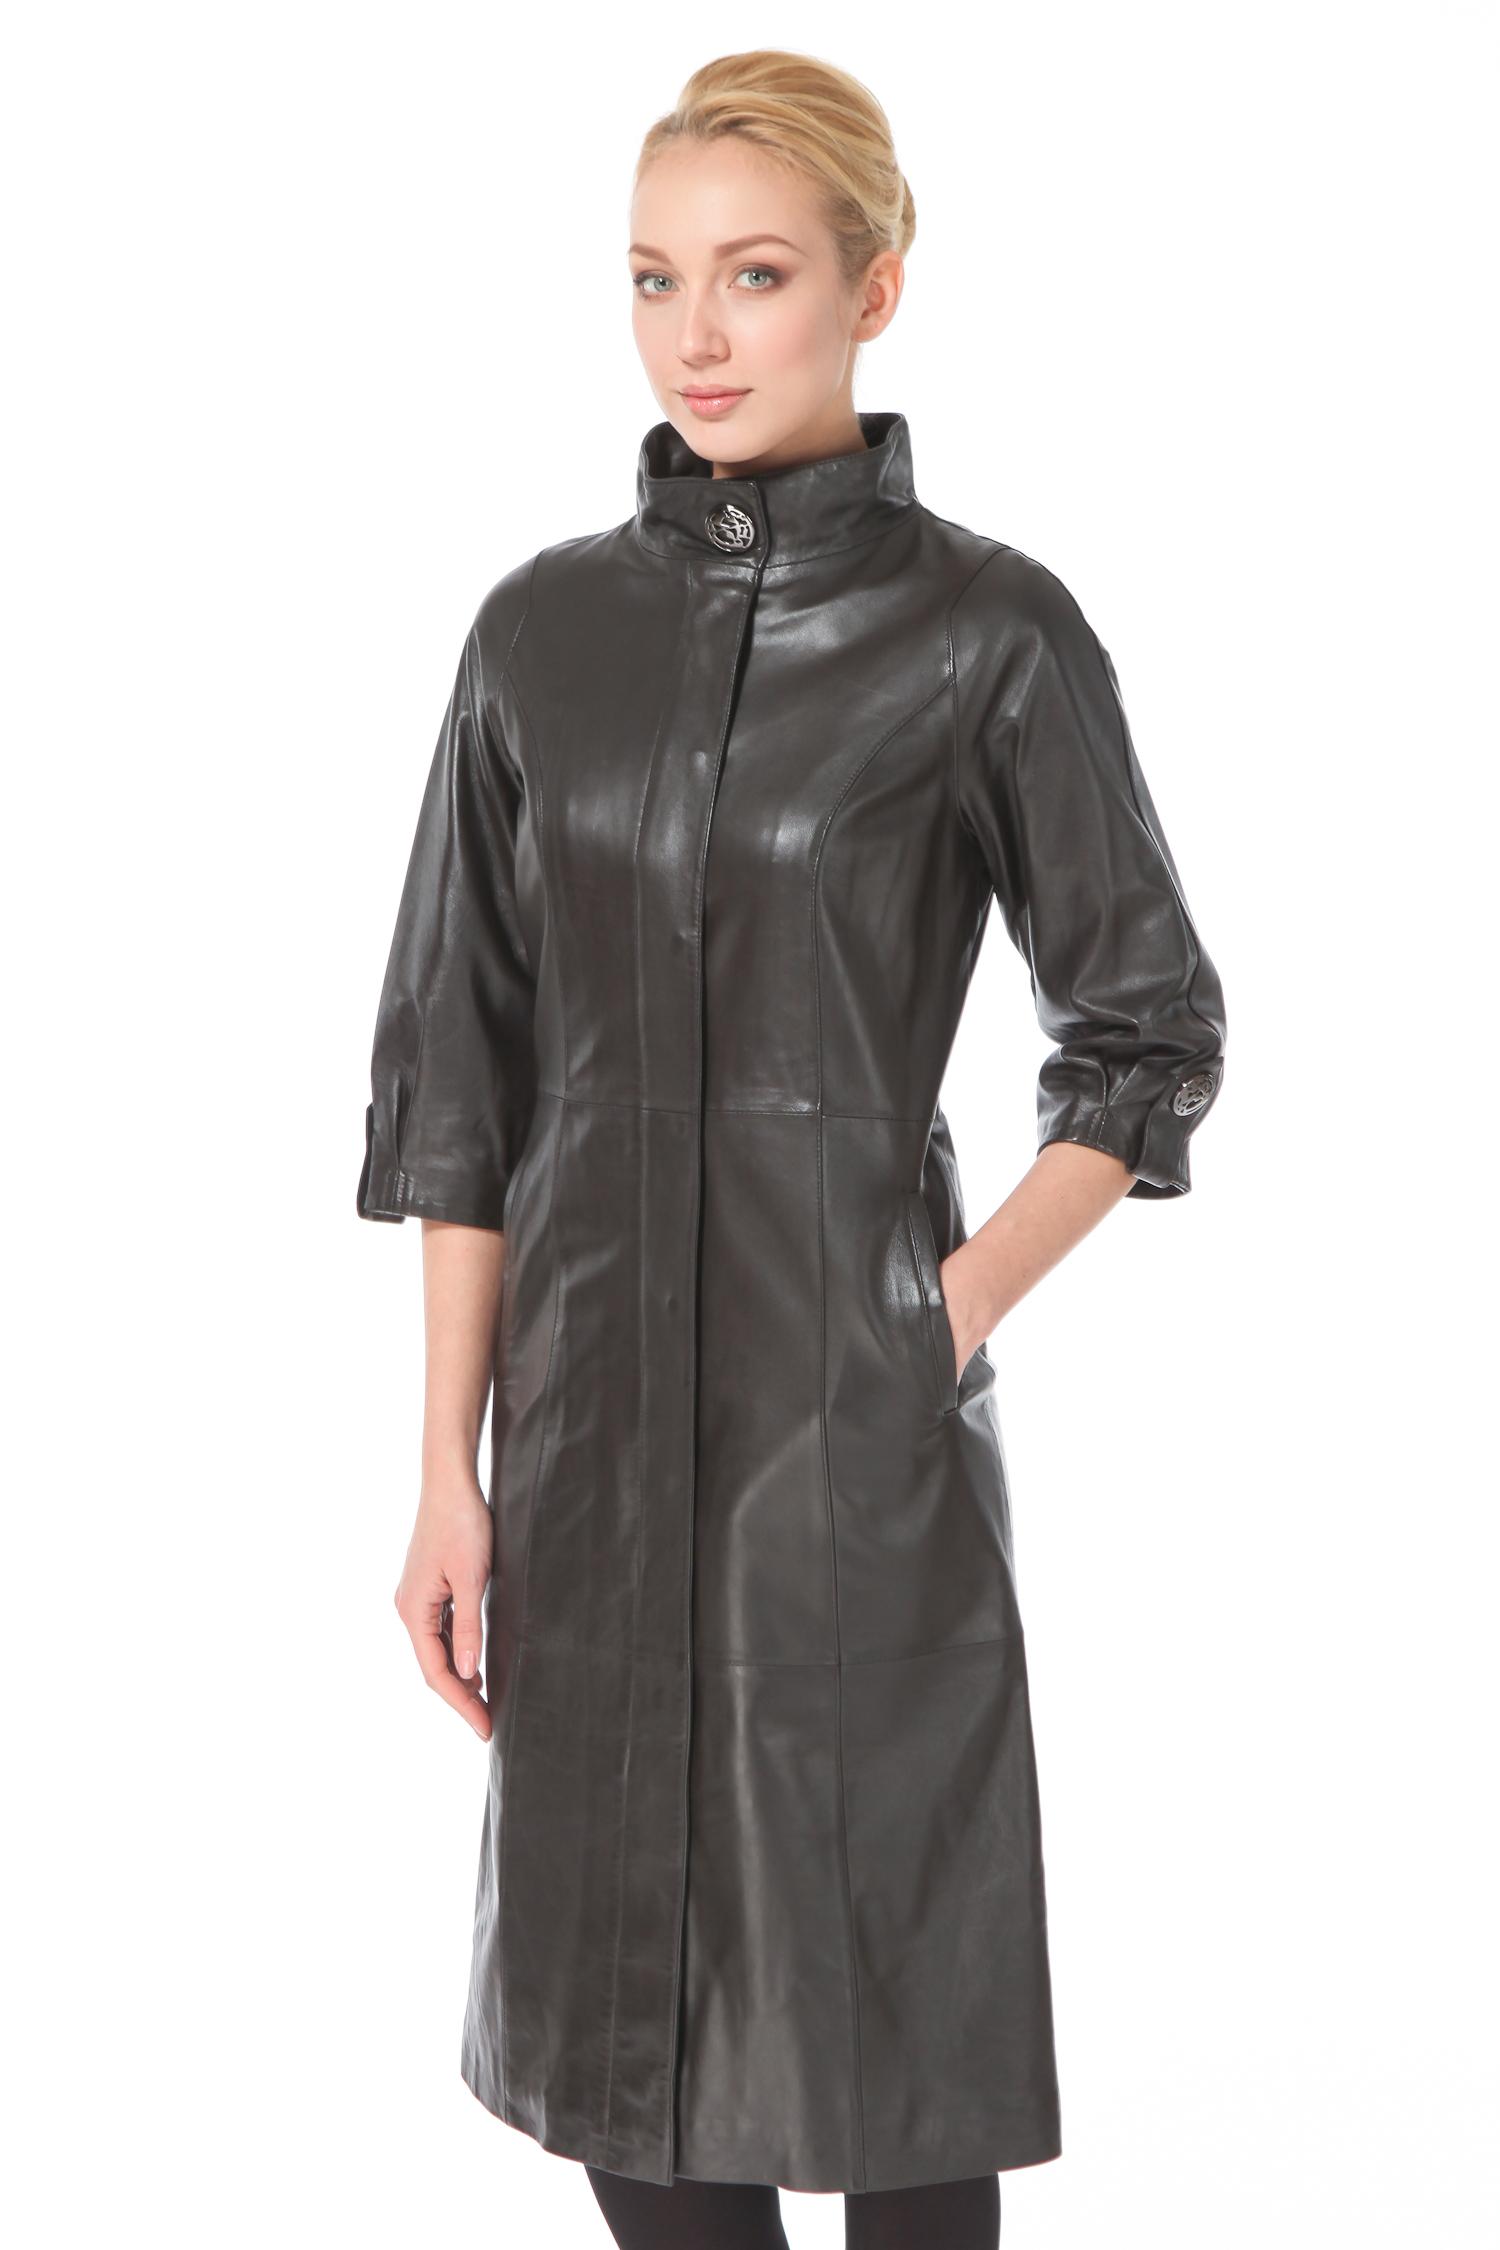 Женское кожаное пальто из натуральной кожи с воротником, без отделкиЦвет  нефритовый (холодный темно-зеленый с серым оттенком).<br><br>Настоящий хит! Кожаное пальто давно считается самой красивой и элегантной вещью гардероба, которая не имеет аналогов. Не смотря на консерватизм и минимализм, пальто весьма элегантное и респектабельное благодаря редкому цвету и безупречной посадке. Высокое положение последней пуговицы, длина рукава 3/4, металлическая фурнитура делают модель очень современной. Изюминка модели  мягкие складки и декоративный ремешок, венчающие нижний срез рукава. Ни одна настоящая модница не упустит возможности приобрести пальто, которое выглядит очень стильно, придавая образу своей обладательницы особое настроение.<br><br>Воротник: стойка<br>Длина см: Длинная (свыше 90)<br>Материал: Кожа овчина<br>Цвет: черный<br>Застежка: на молнии<br>Пол: Женский<br>Размер RU: 48